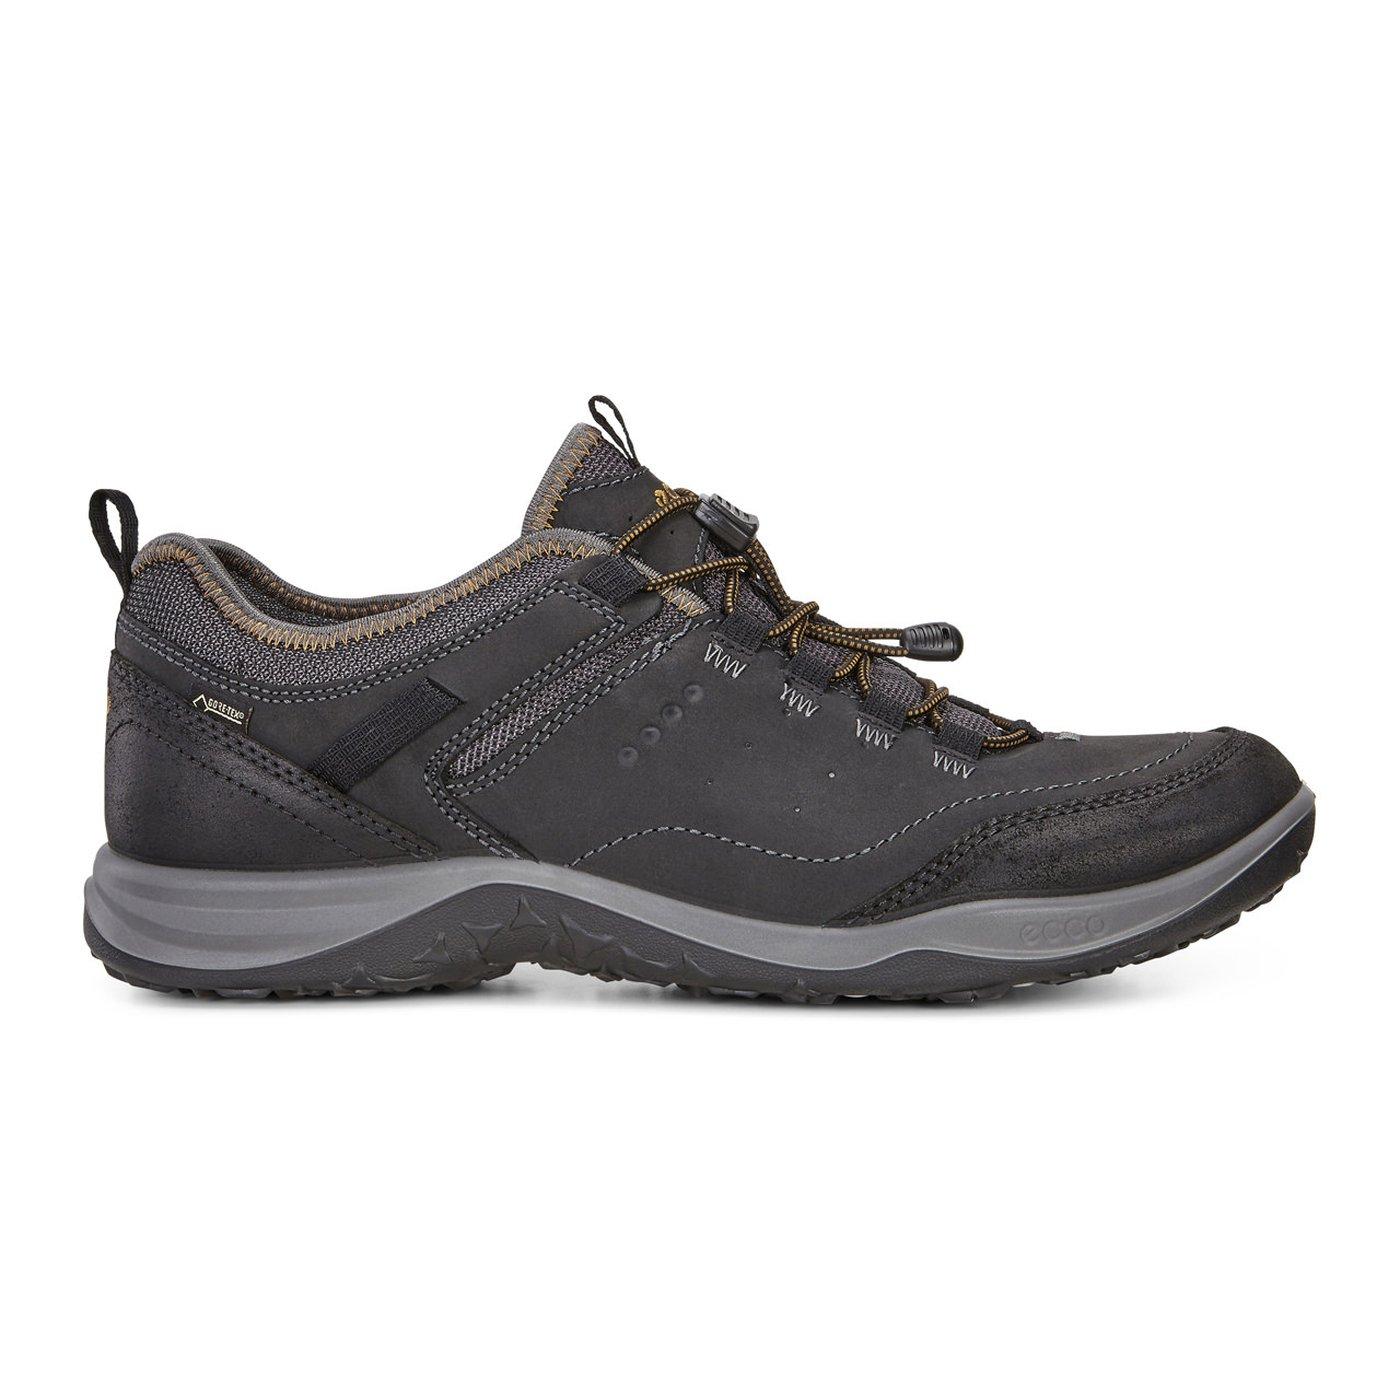 7c46c8d75b3 ECCO Men's Espinho GTX | Hiking Shoes | ECCO® Shoes